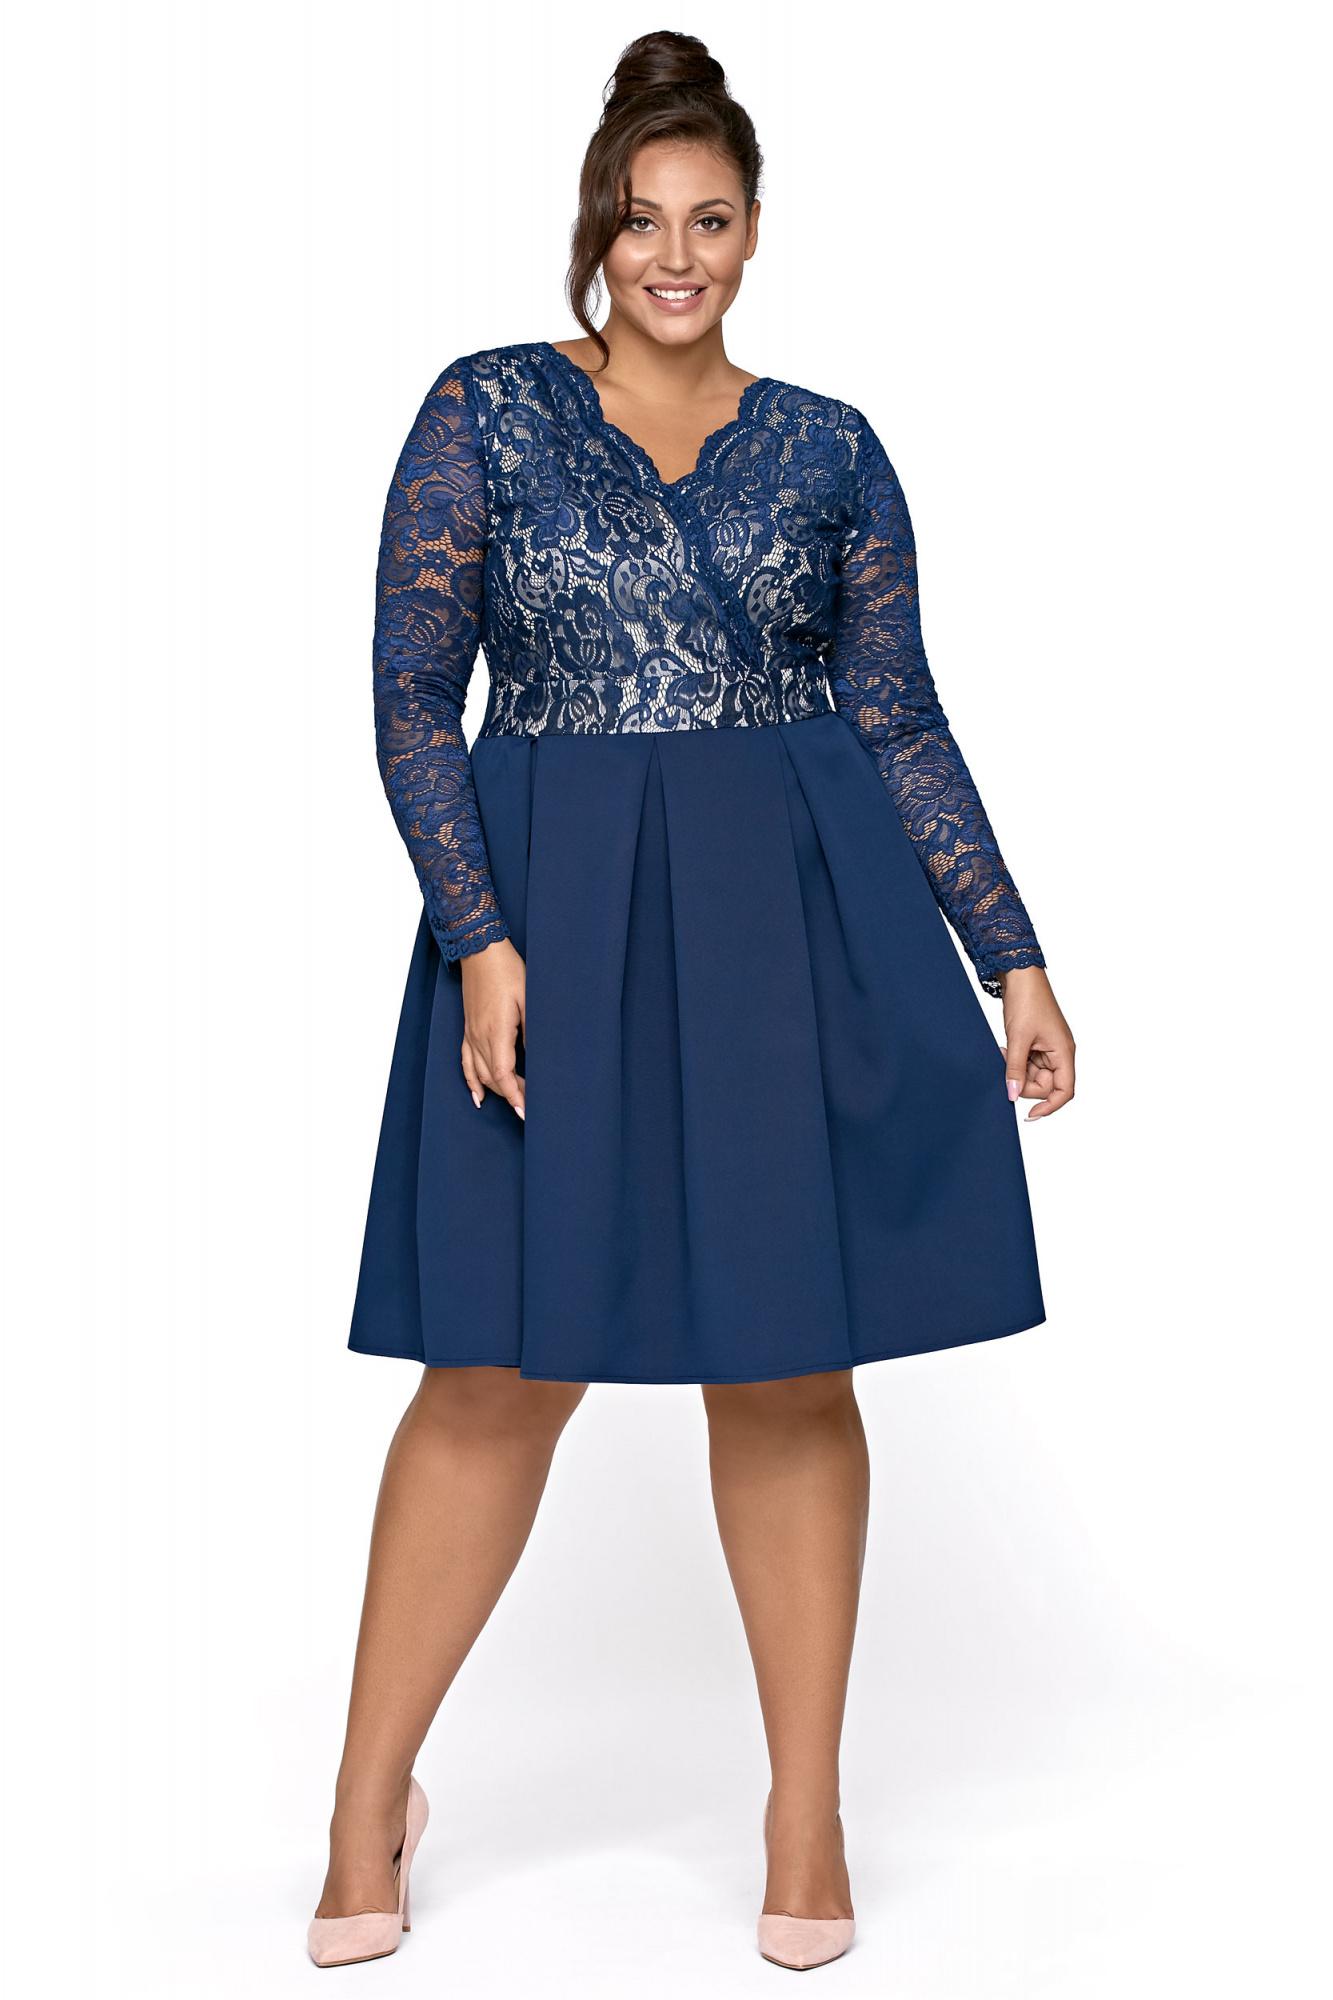 eb167166f1 Alba- Rozkloszowana sukienka z koronką KM306-3 - ❤ Kartes-Moda ❤